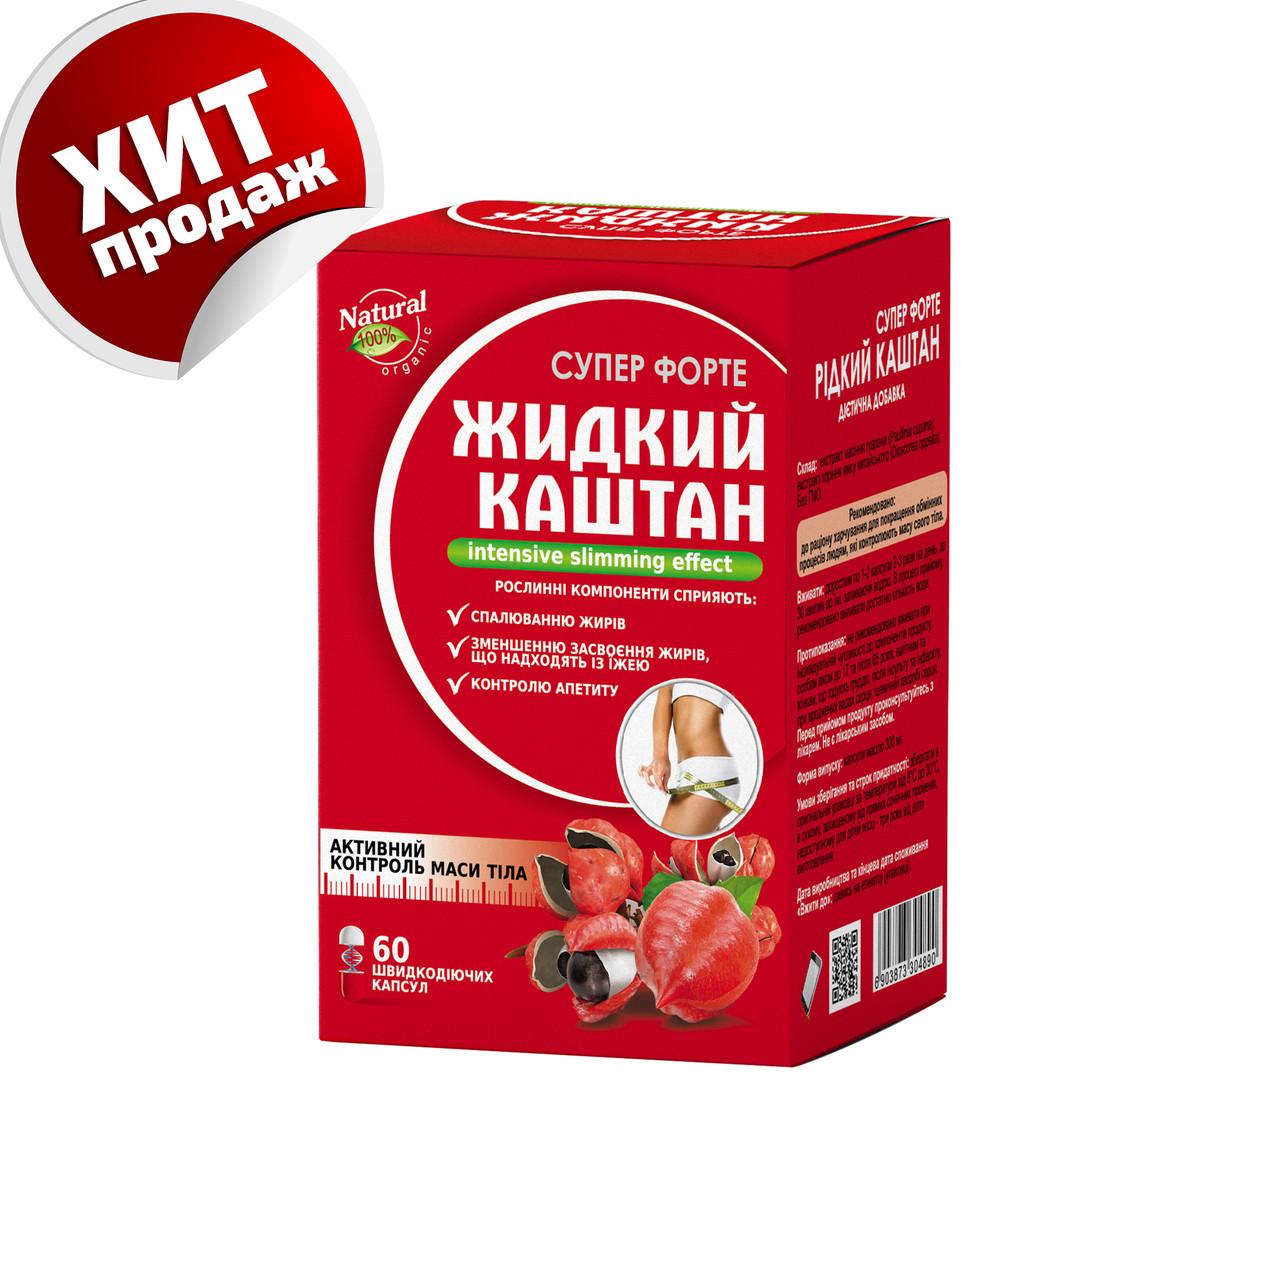 Эффективное похудение и детокс, ЖИДКИЙ КАШТАН СУПЕР ФОРТЕ №60